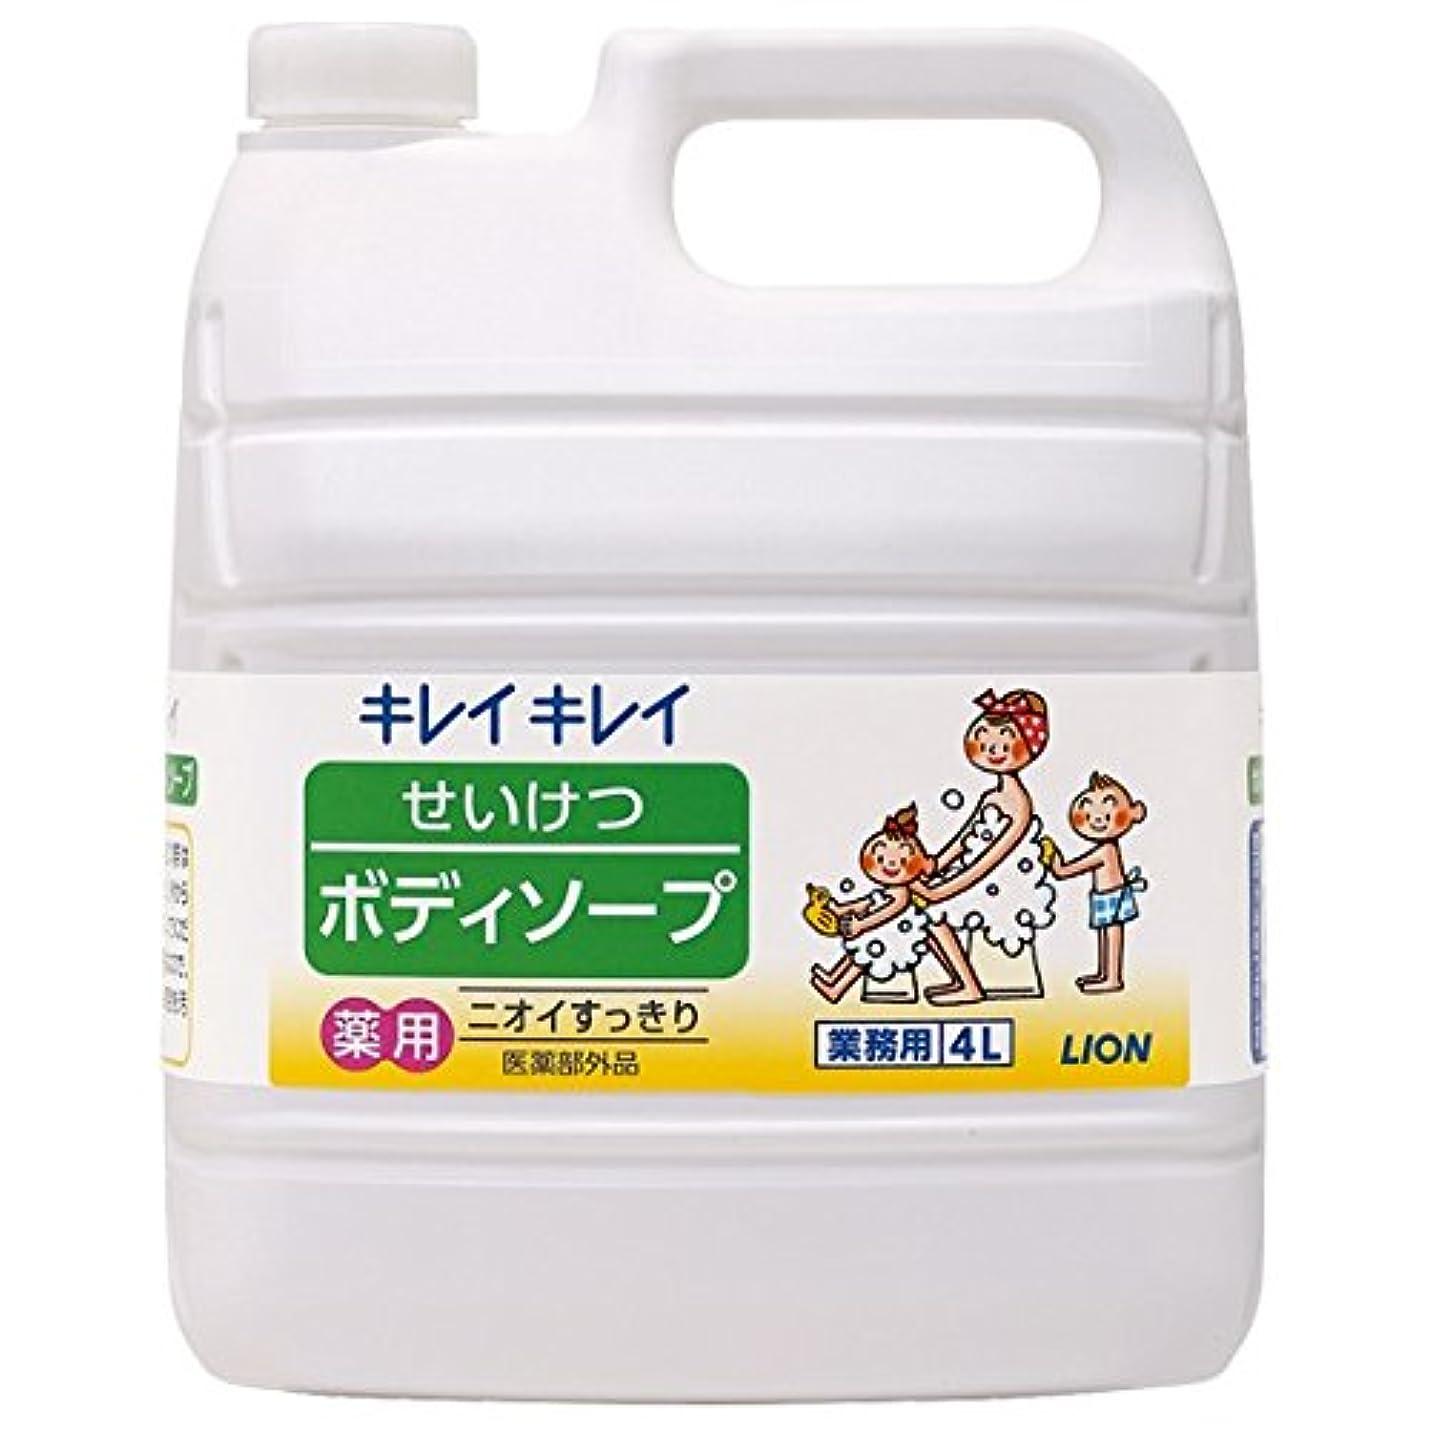 天才有名な同化ライオン キレイキレイ せいけつボディソープ さわやかなレモン&オレンジの香り 業務用 4L×3本